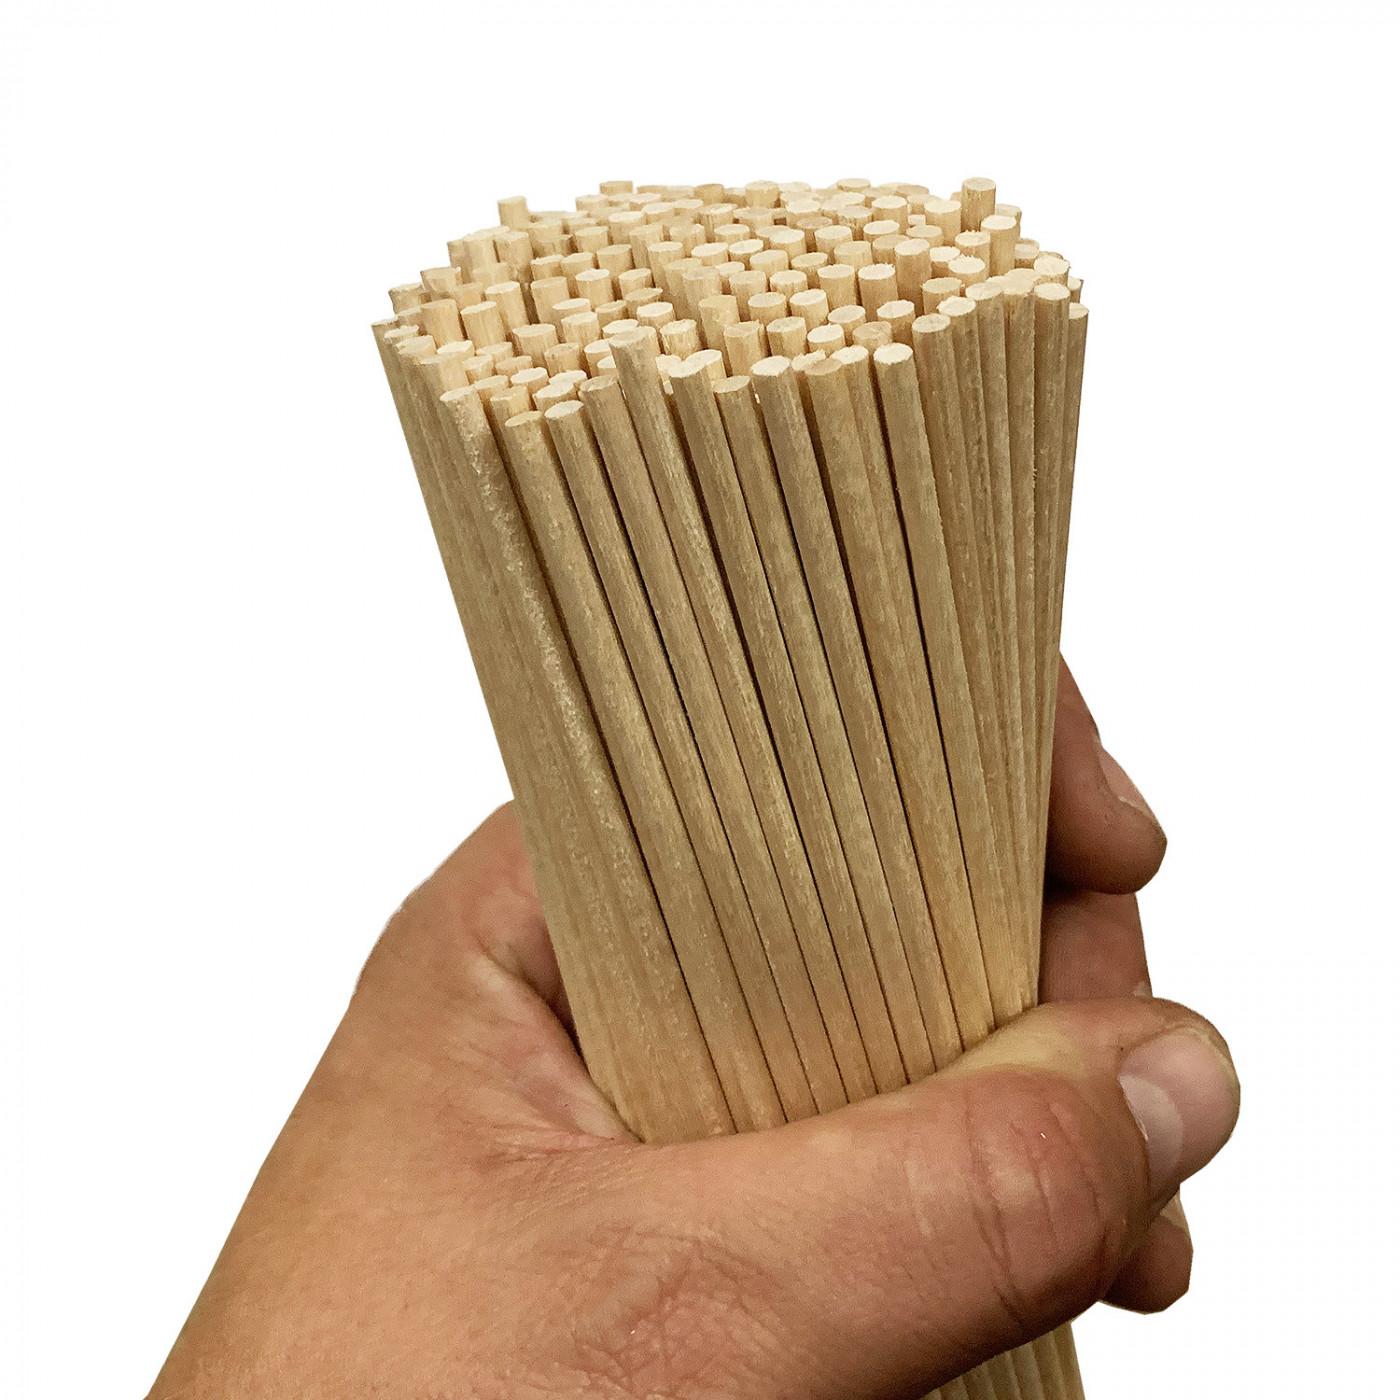 Lot de 400 bâtonnets en bois (3,5 mm x 20 cm, bois de bouleau)  - 1